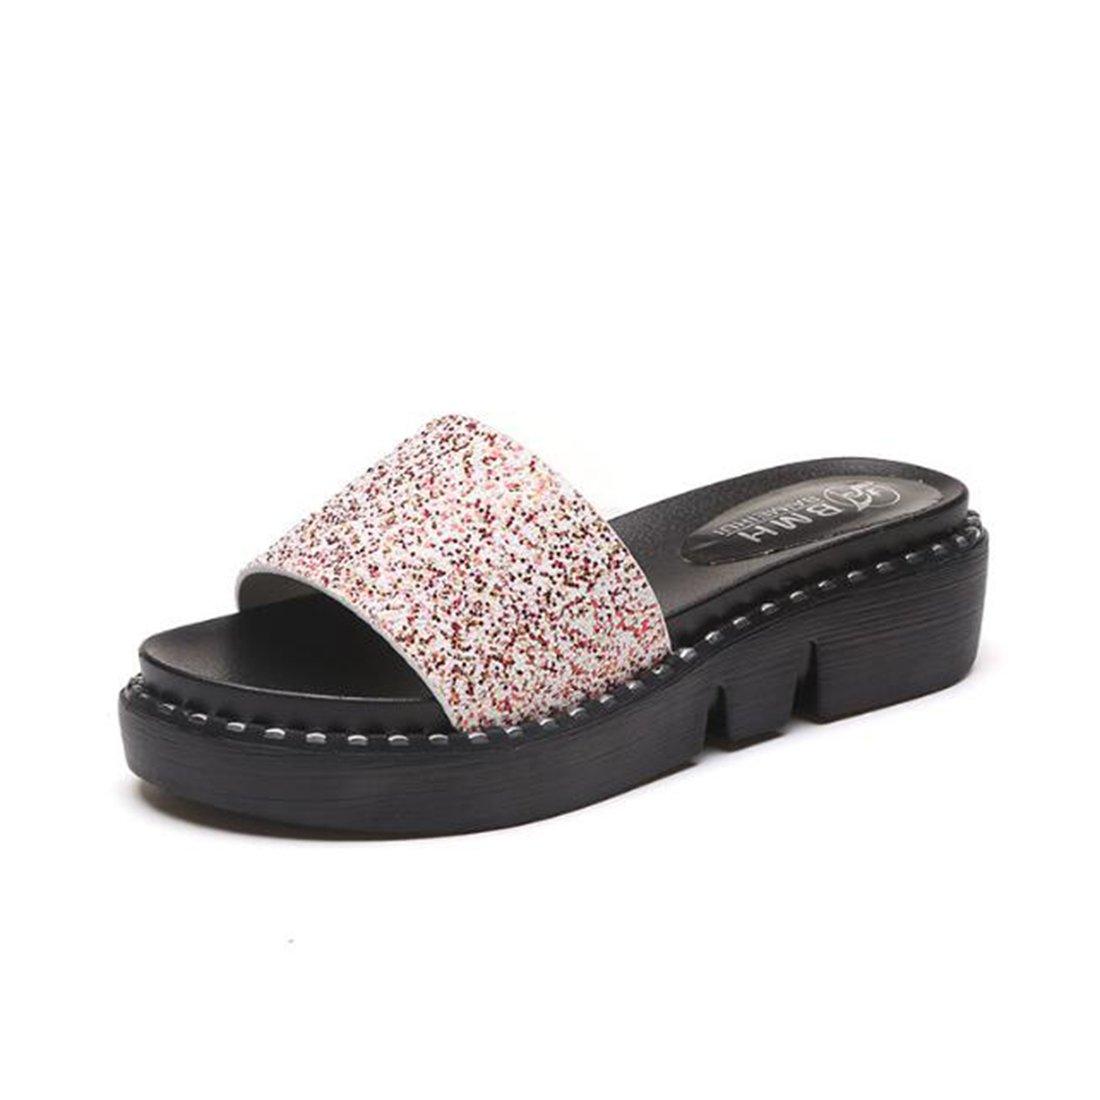 ZHONGST Womens Summer Sandalen Fashion Dick-Sohle Sandalen Sandalen Und Hausschuhe Sandalen Mit Hohen Absauml;tzen  37|Pink